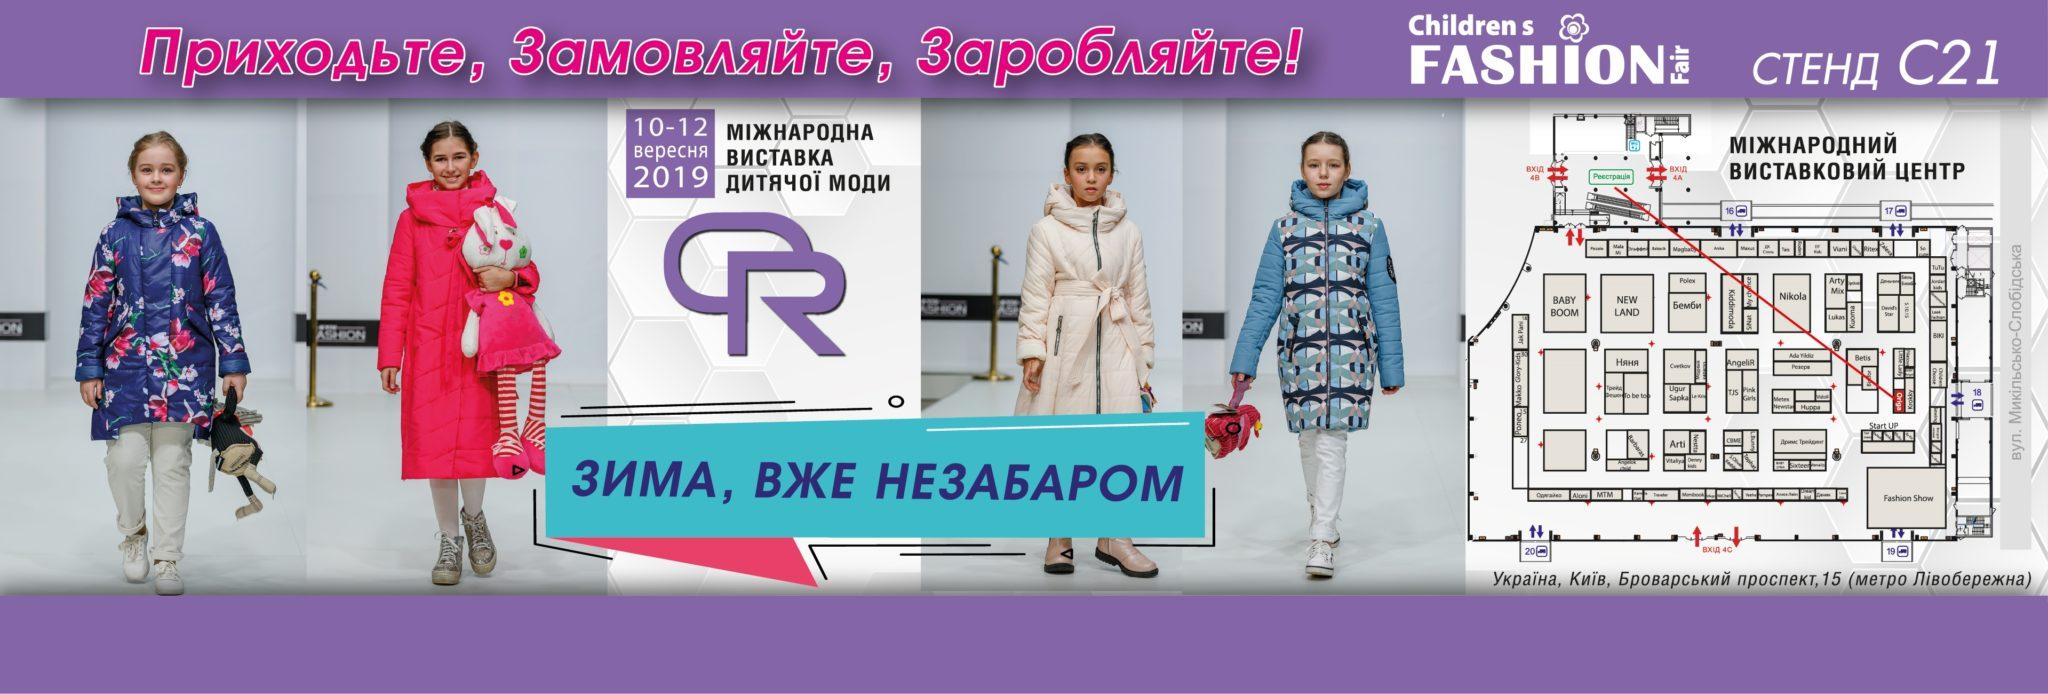 BANNER KievFashion BabyChildren 2 Купить верхнюю одежду оптом